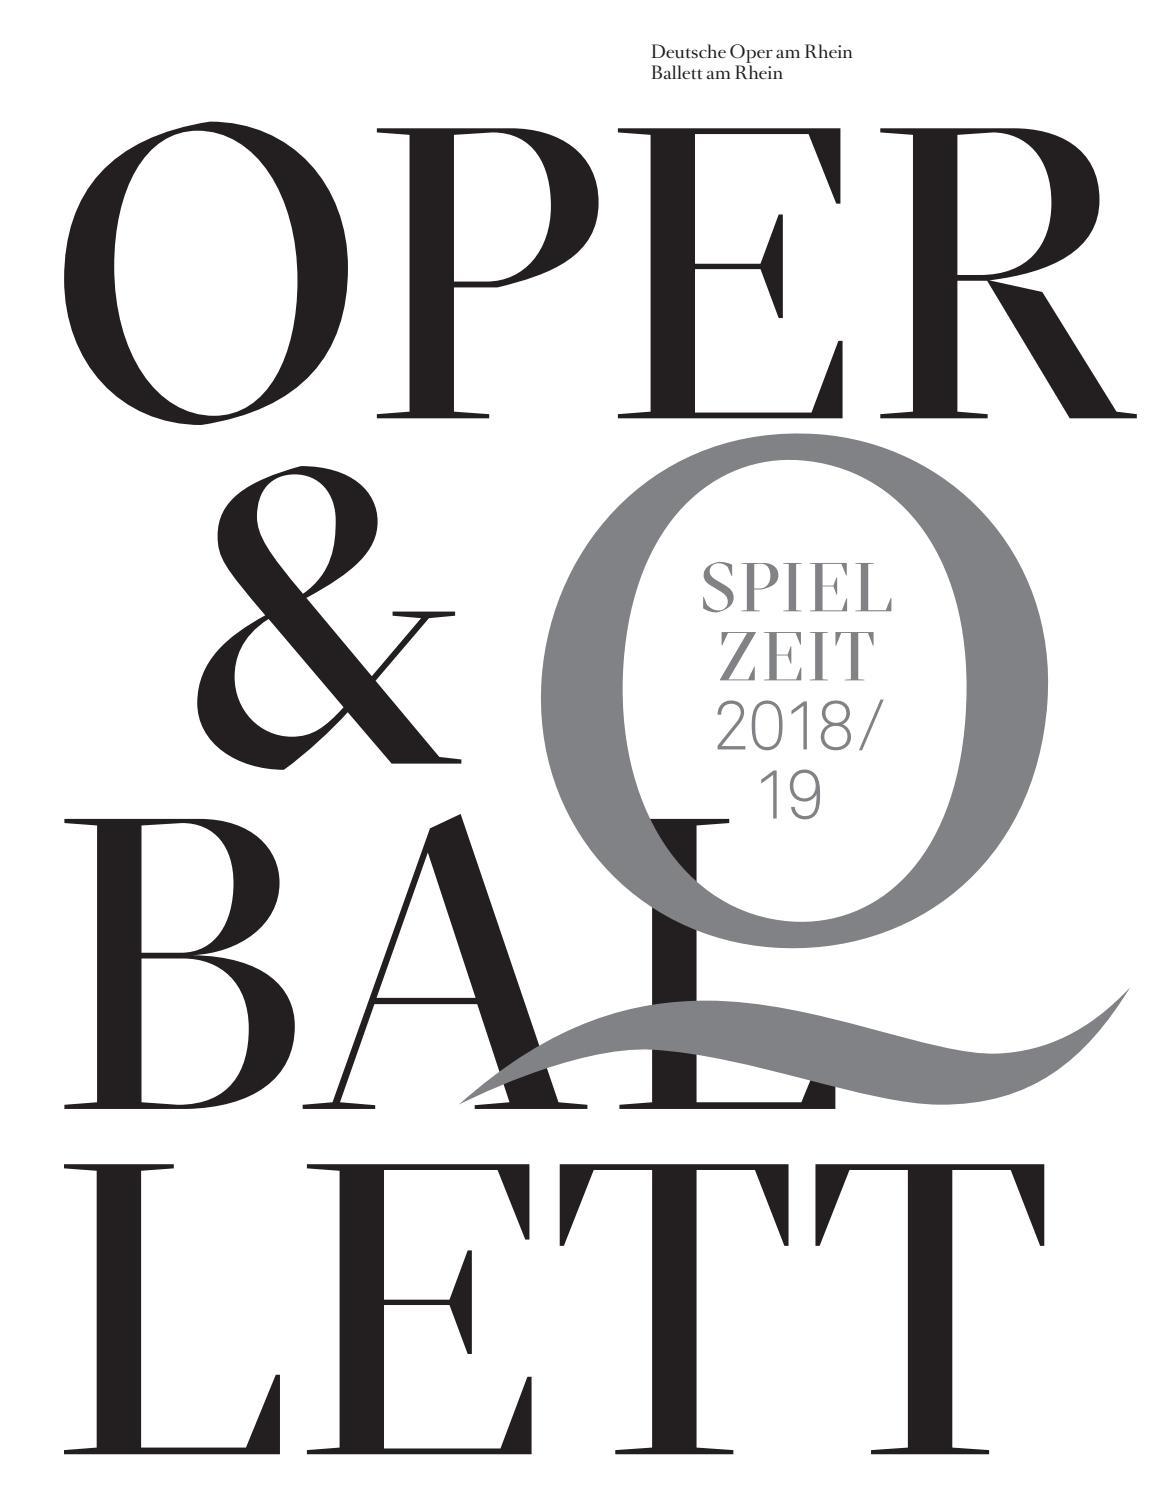 Deutsche Oper am Rhein - Spielzeit 2018/19 by Deutsche Oper am Rhein ...